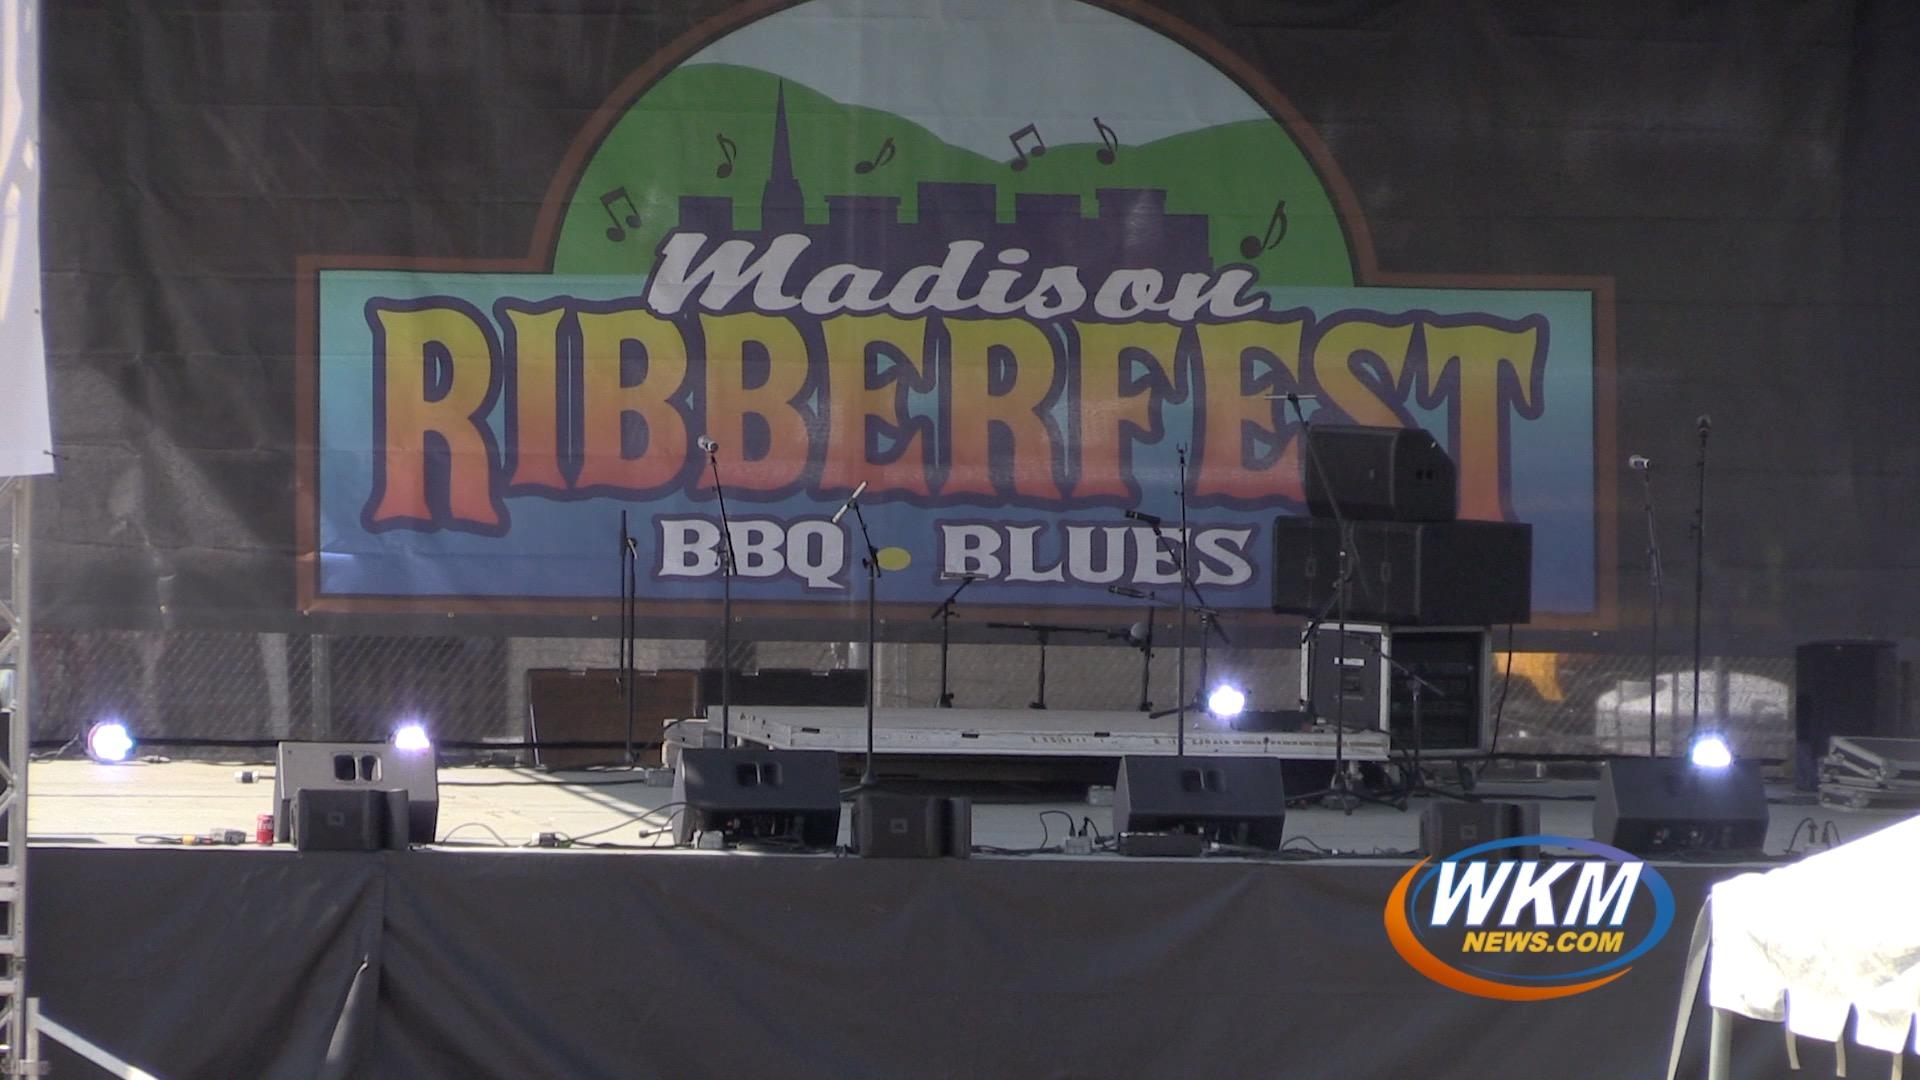 Ribberfest Festivities Begin!